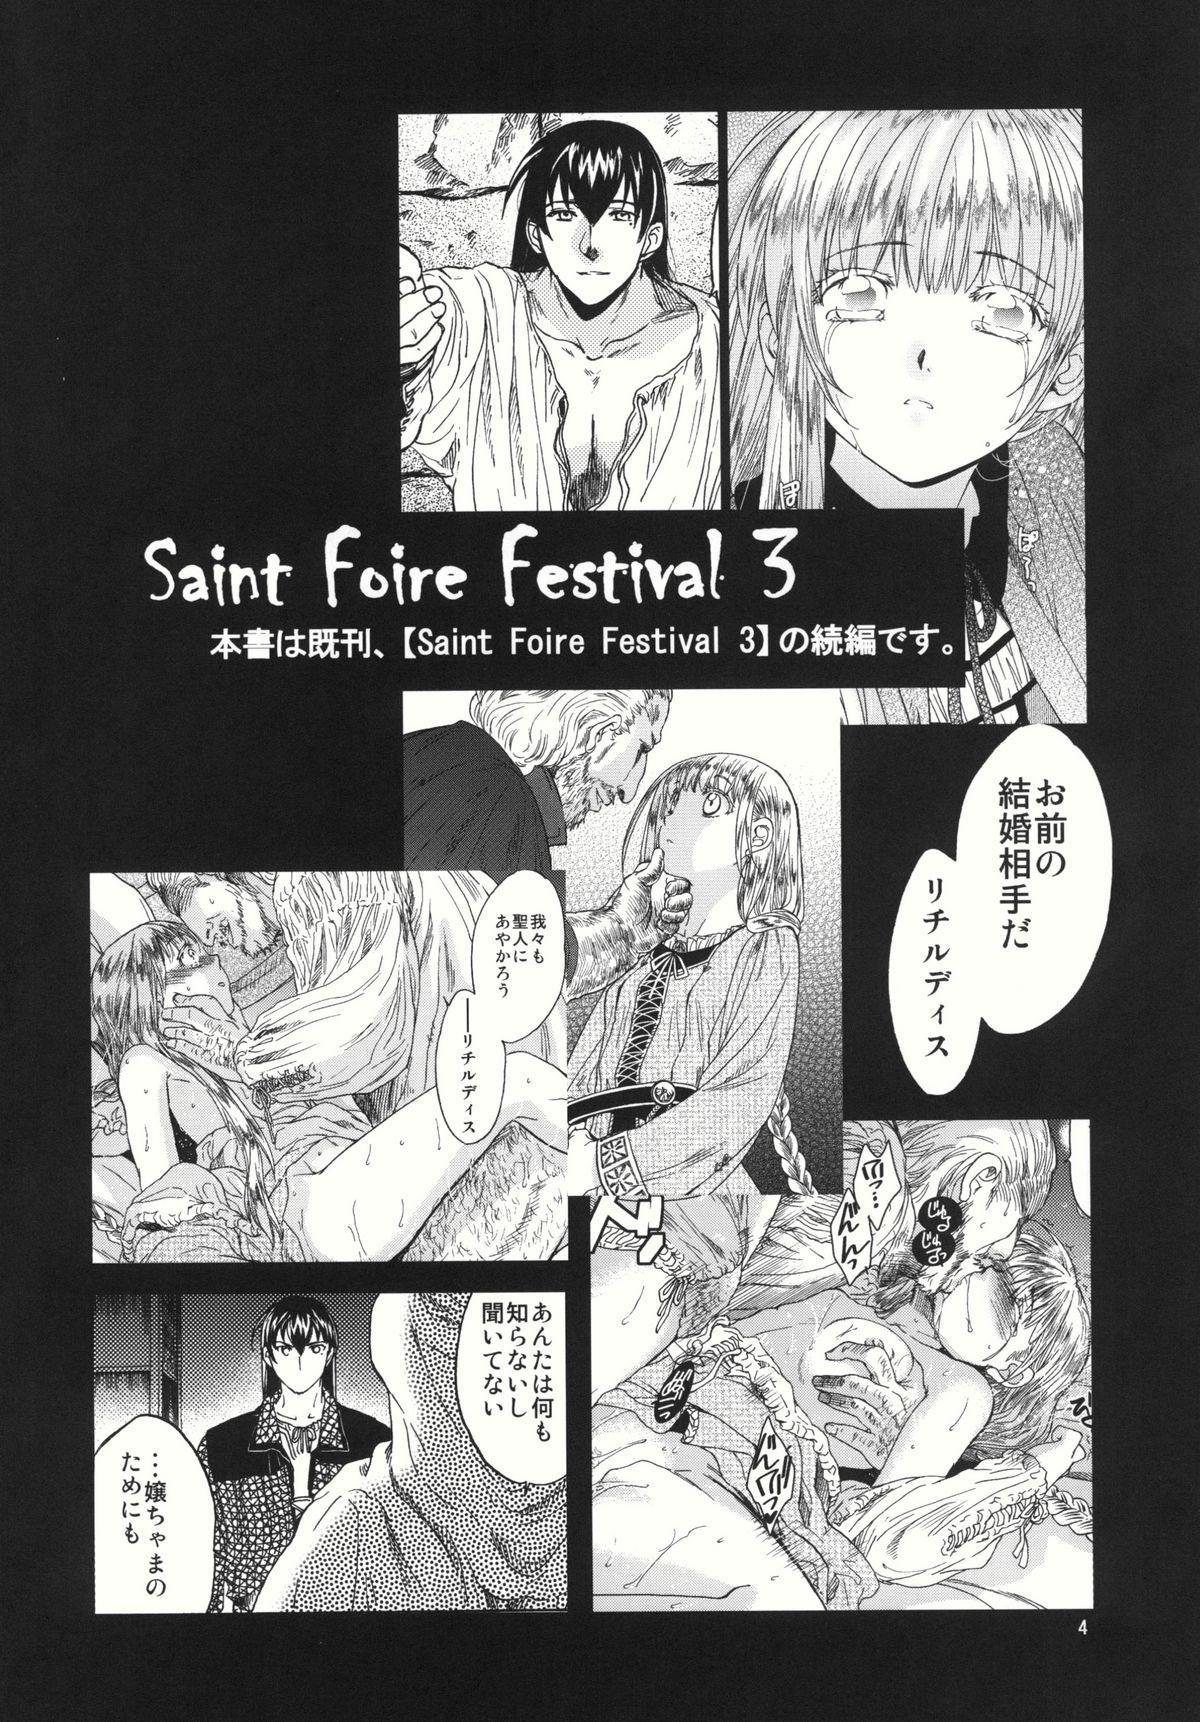 Saint Foire Festival 4 3